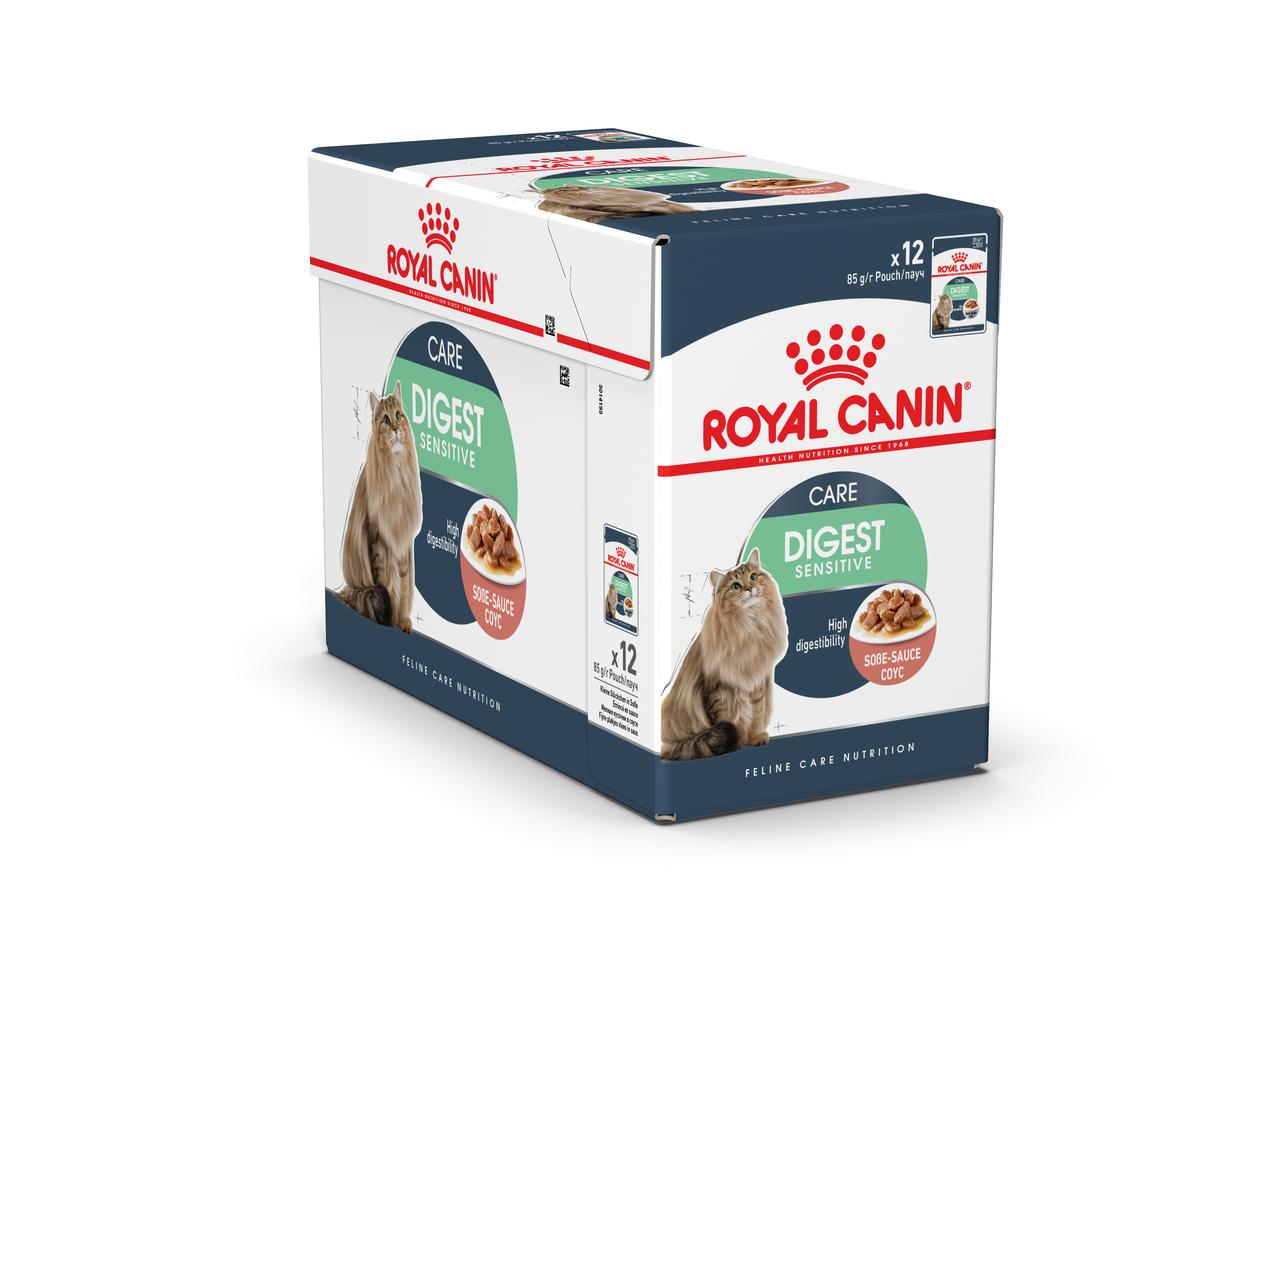 Royal Canin Digest Sensitive 85 гр упаковка 12 шт влажный корм (Роял Канин) для взрослых кошек в соусе